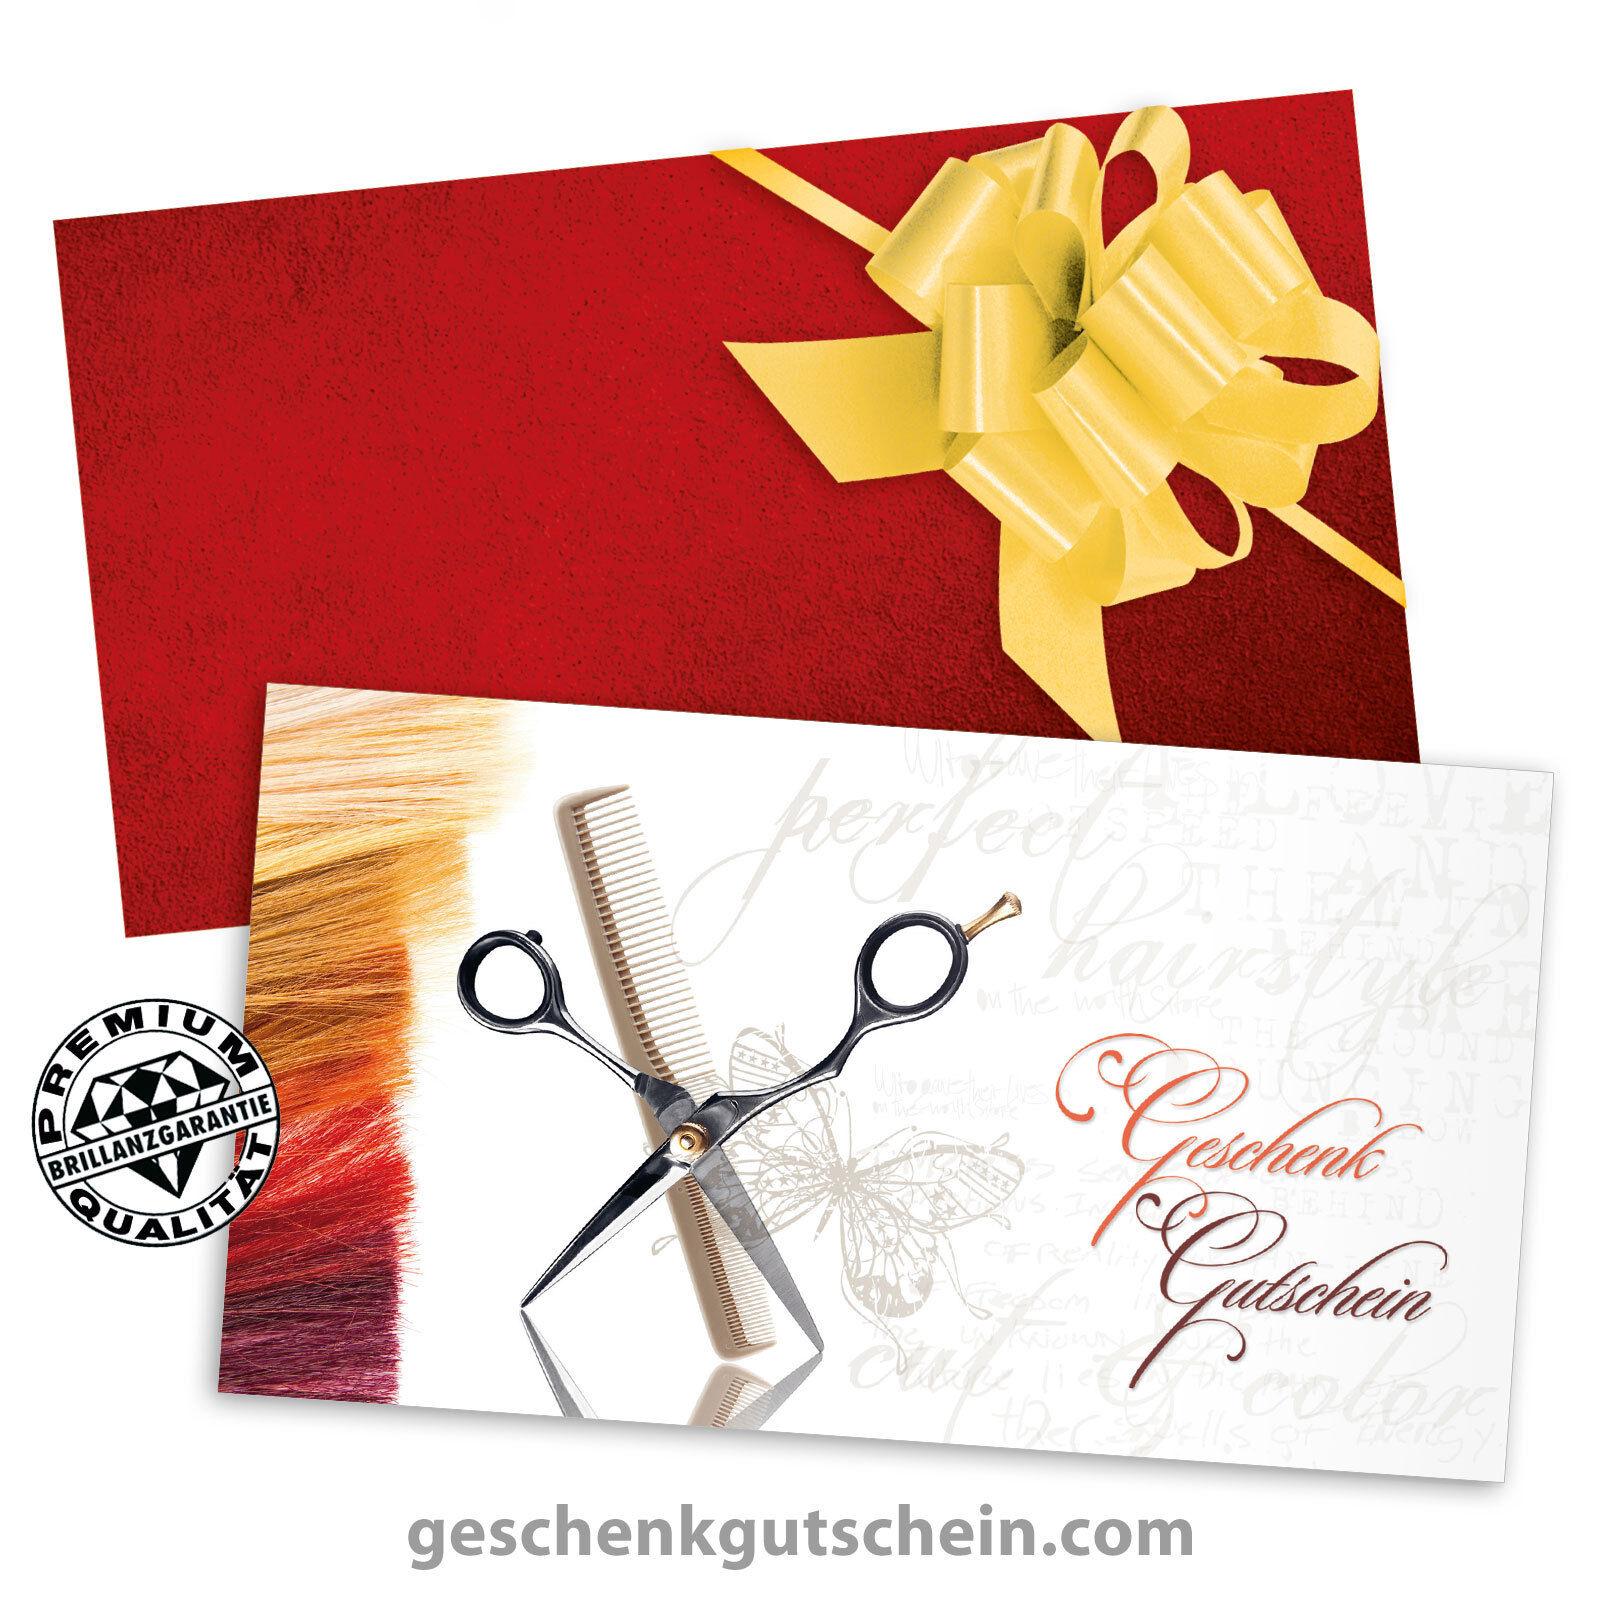 Gutscheinkarten mit KuGrüns und Schleifen für Friseure Haarstylisten K1403